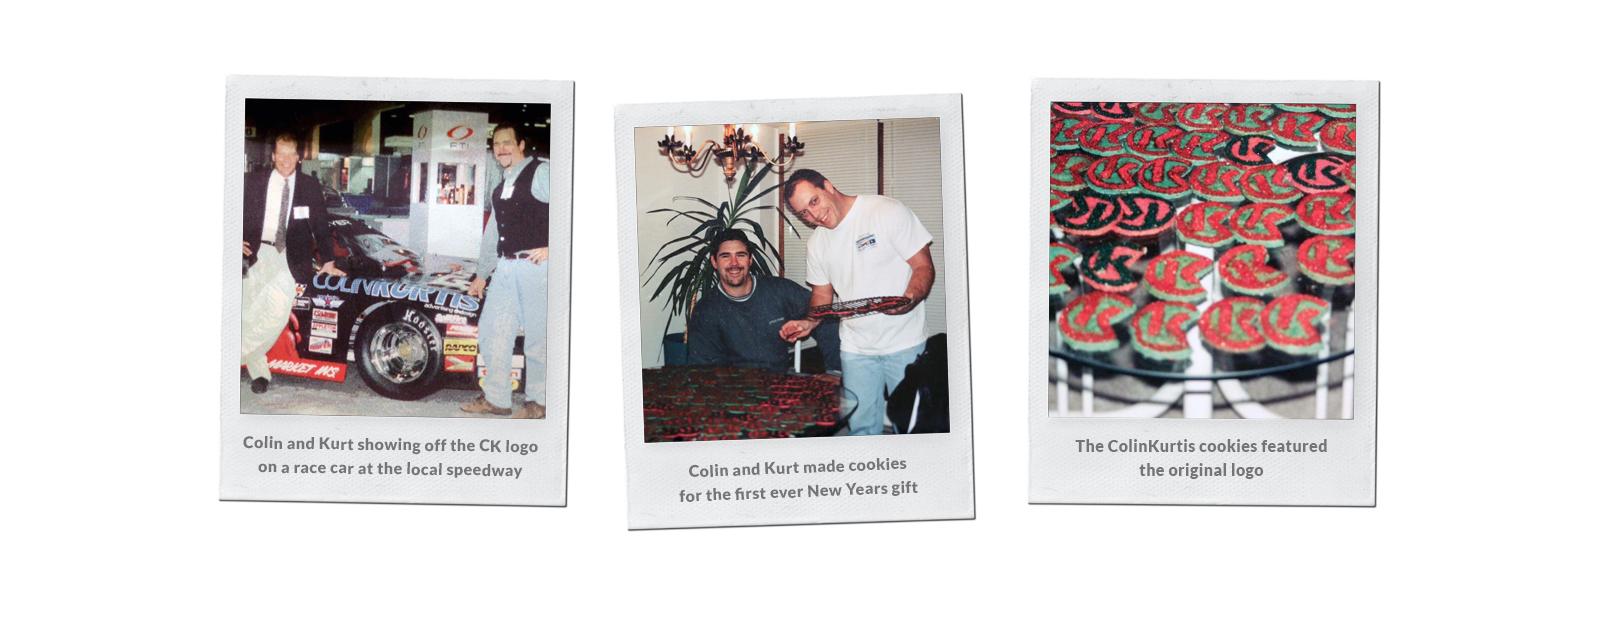 Colin and Kurt company history